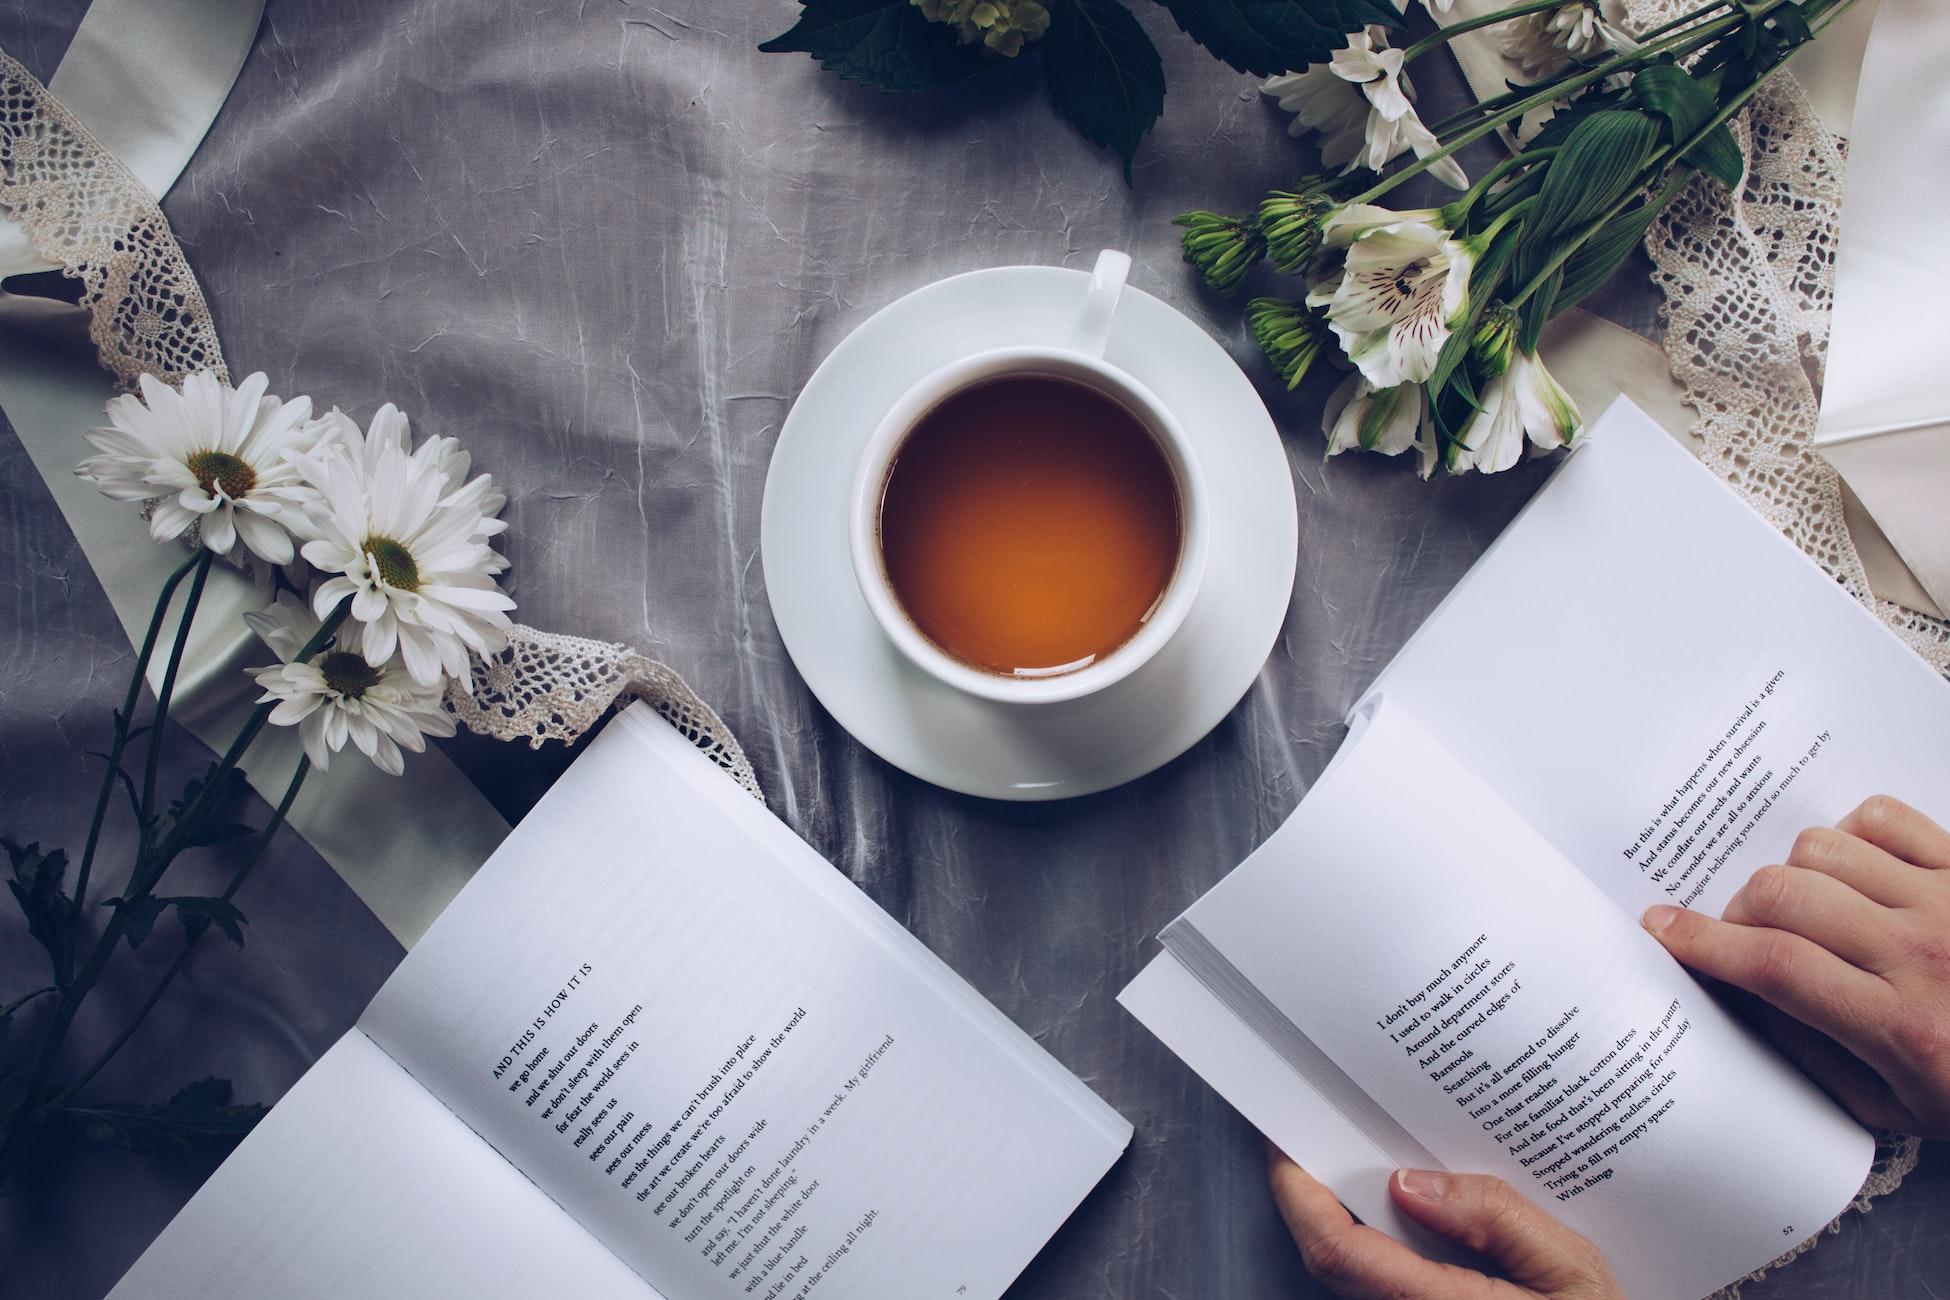 čítanie francúzskej knihy